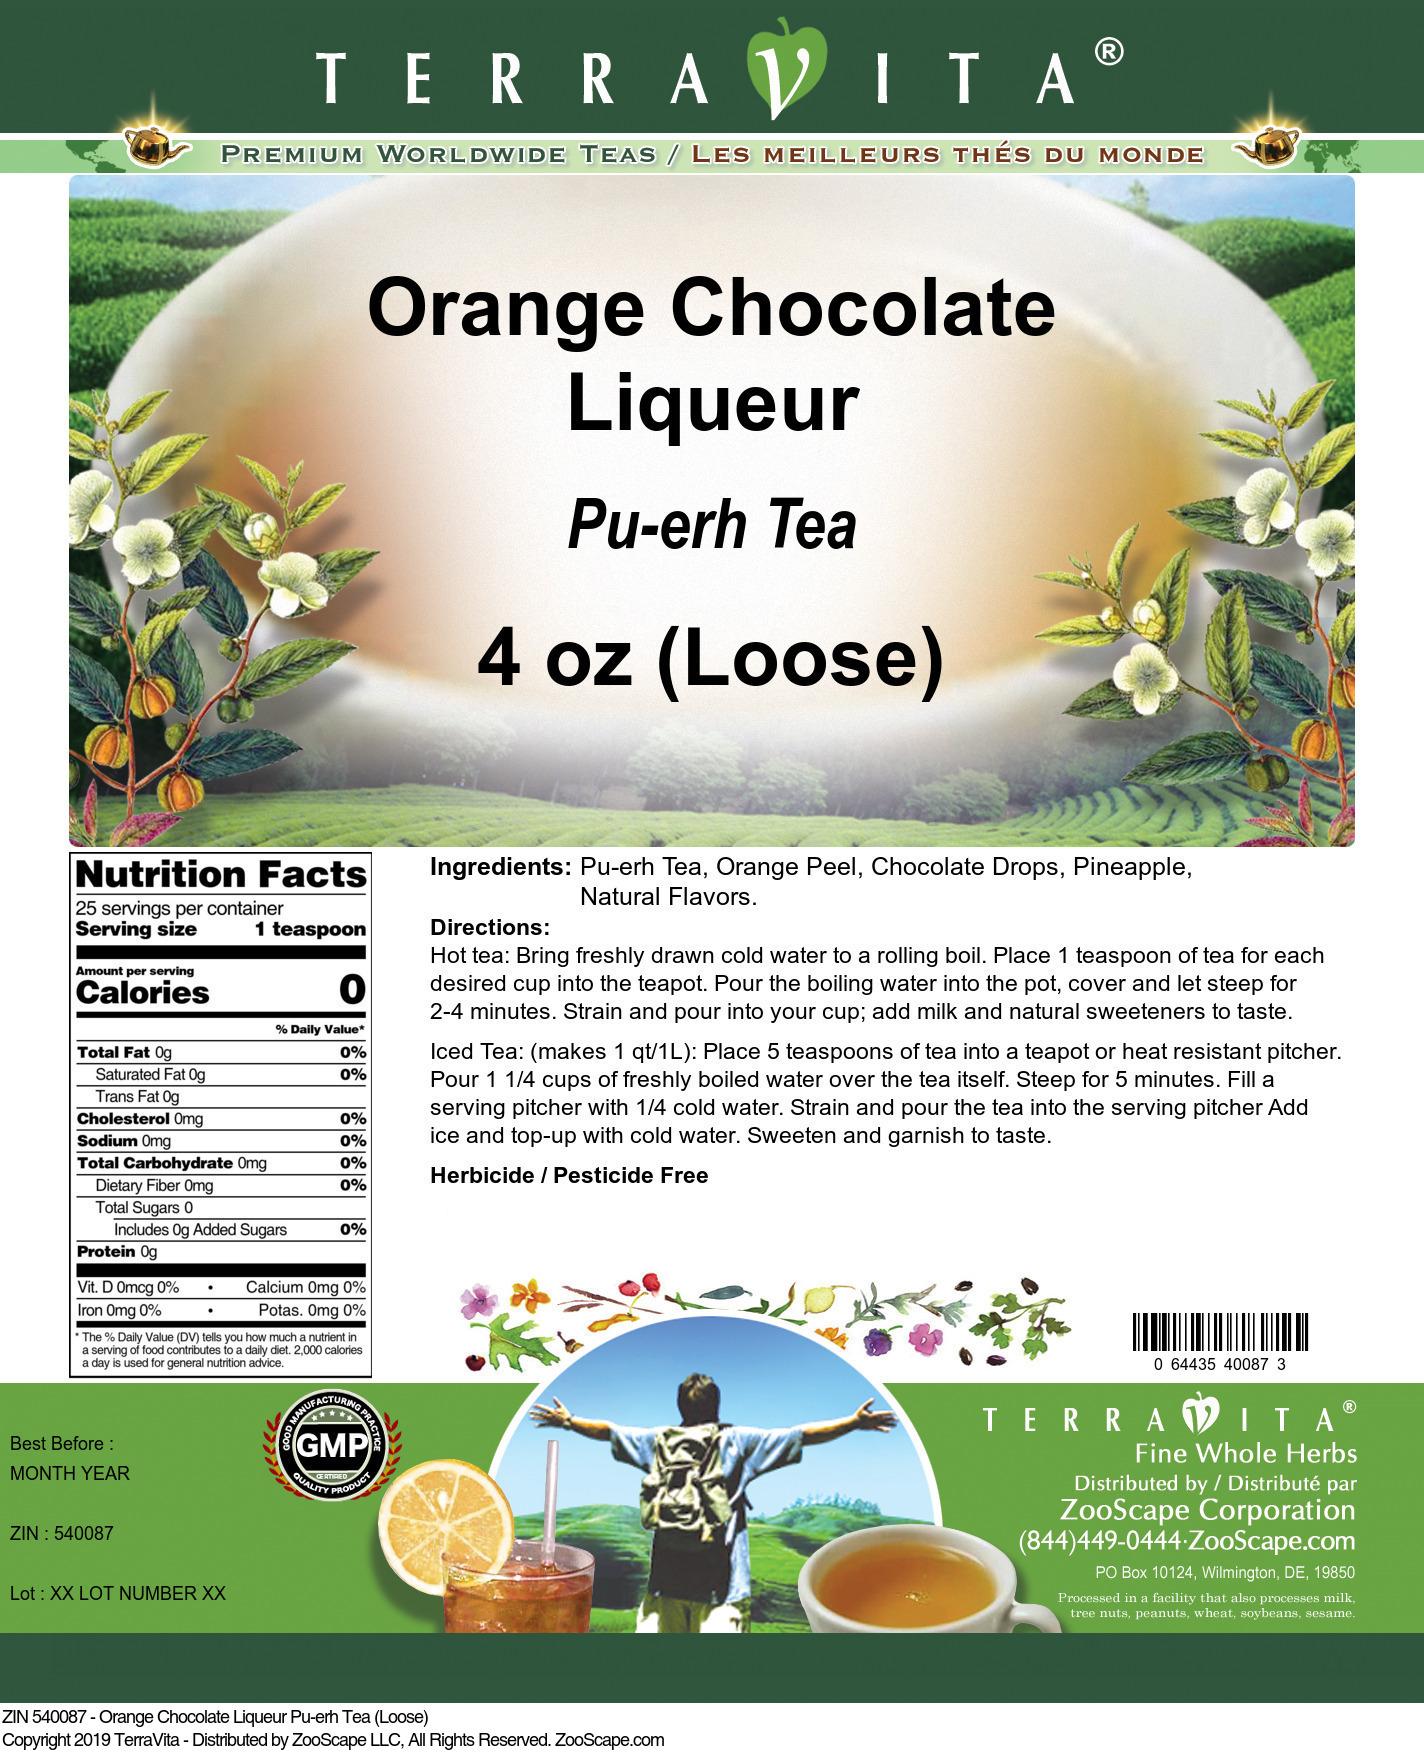 Orange Chocolate Liqueur Pu-erh Tea